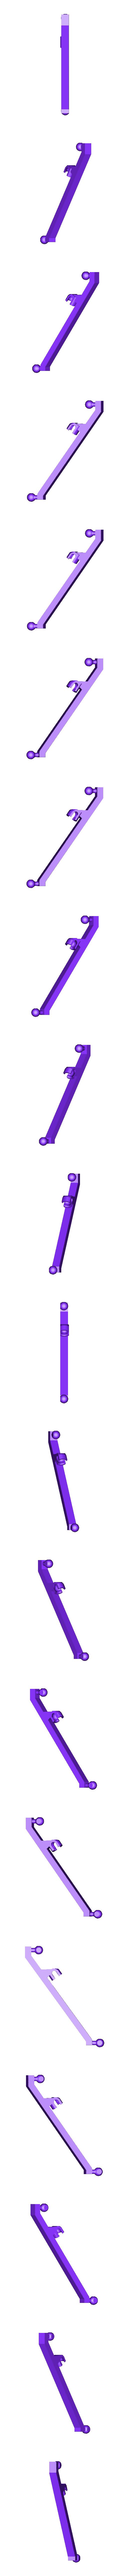 pitch_arm.stl Télécharger fichier STL gratuit Joystick PS4 • Design à imprimer en 3D, Osichan